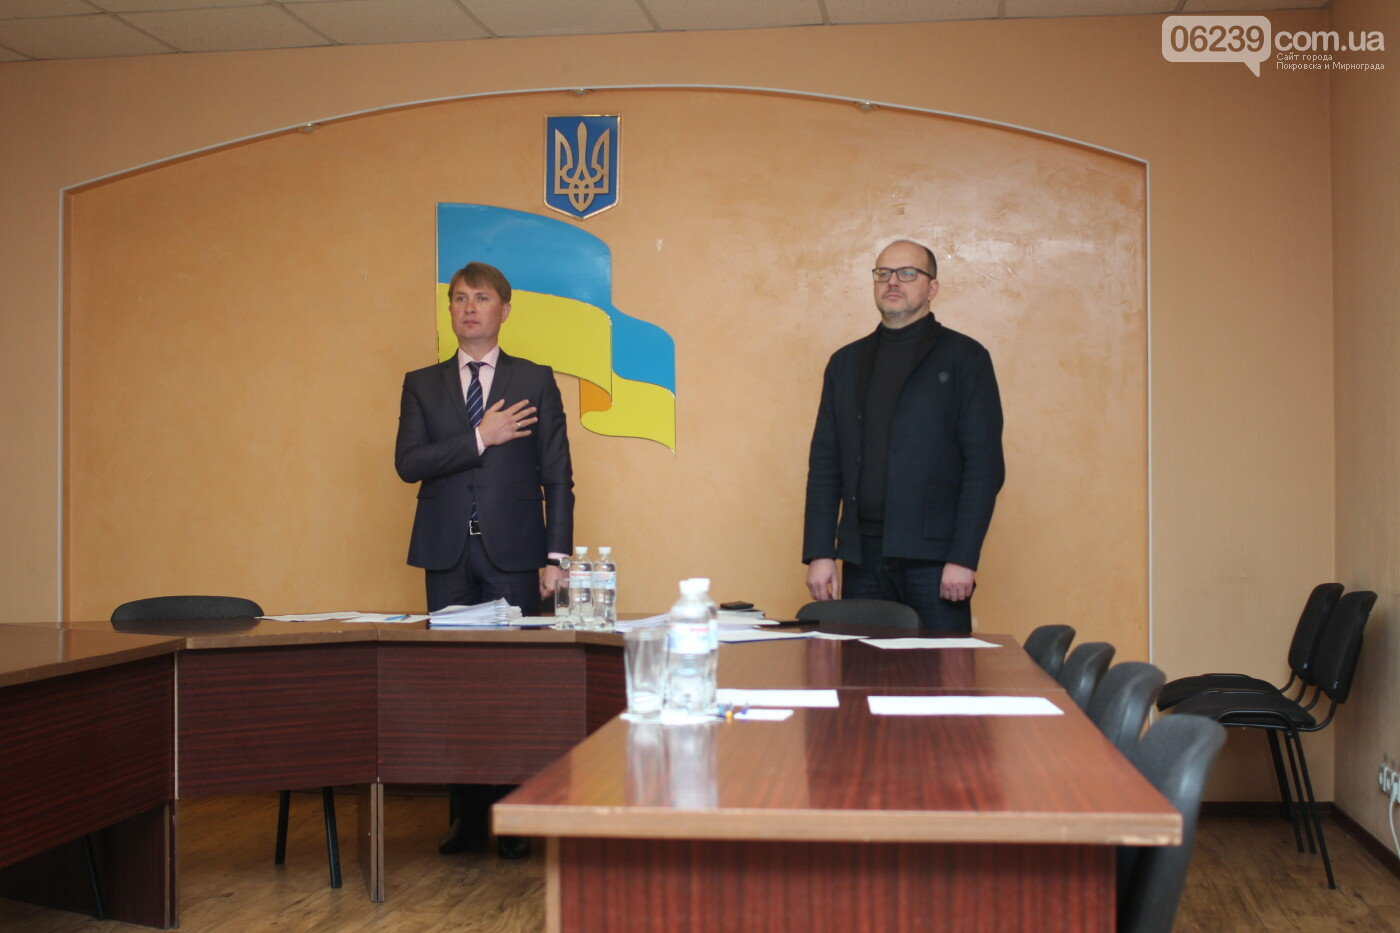 Изменения в бюджете и новый начальник отдела здравоохранения: в Мирнограде состоялась 72-я сессия горсовета, фото-2